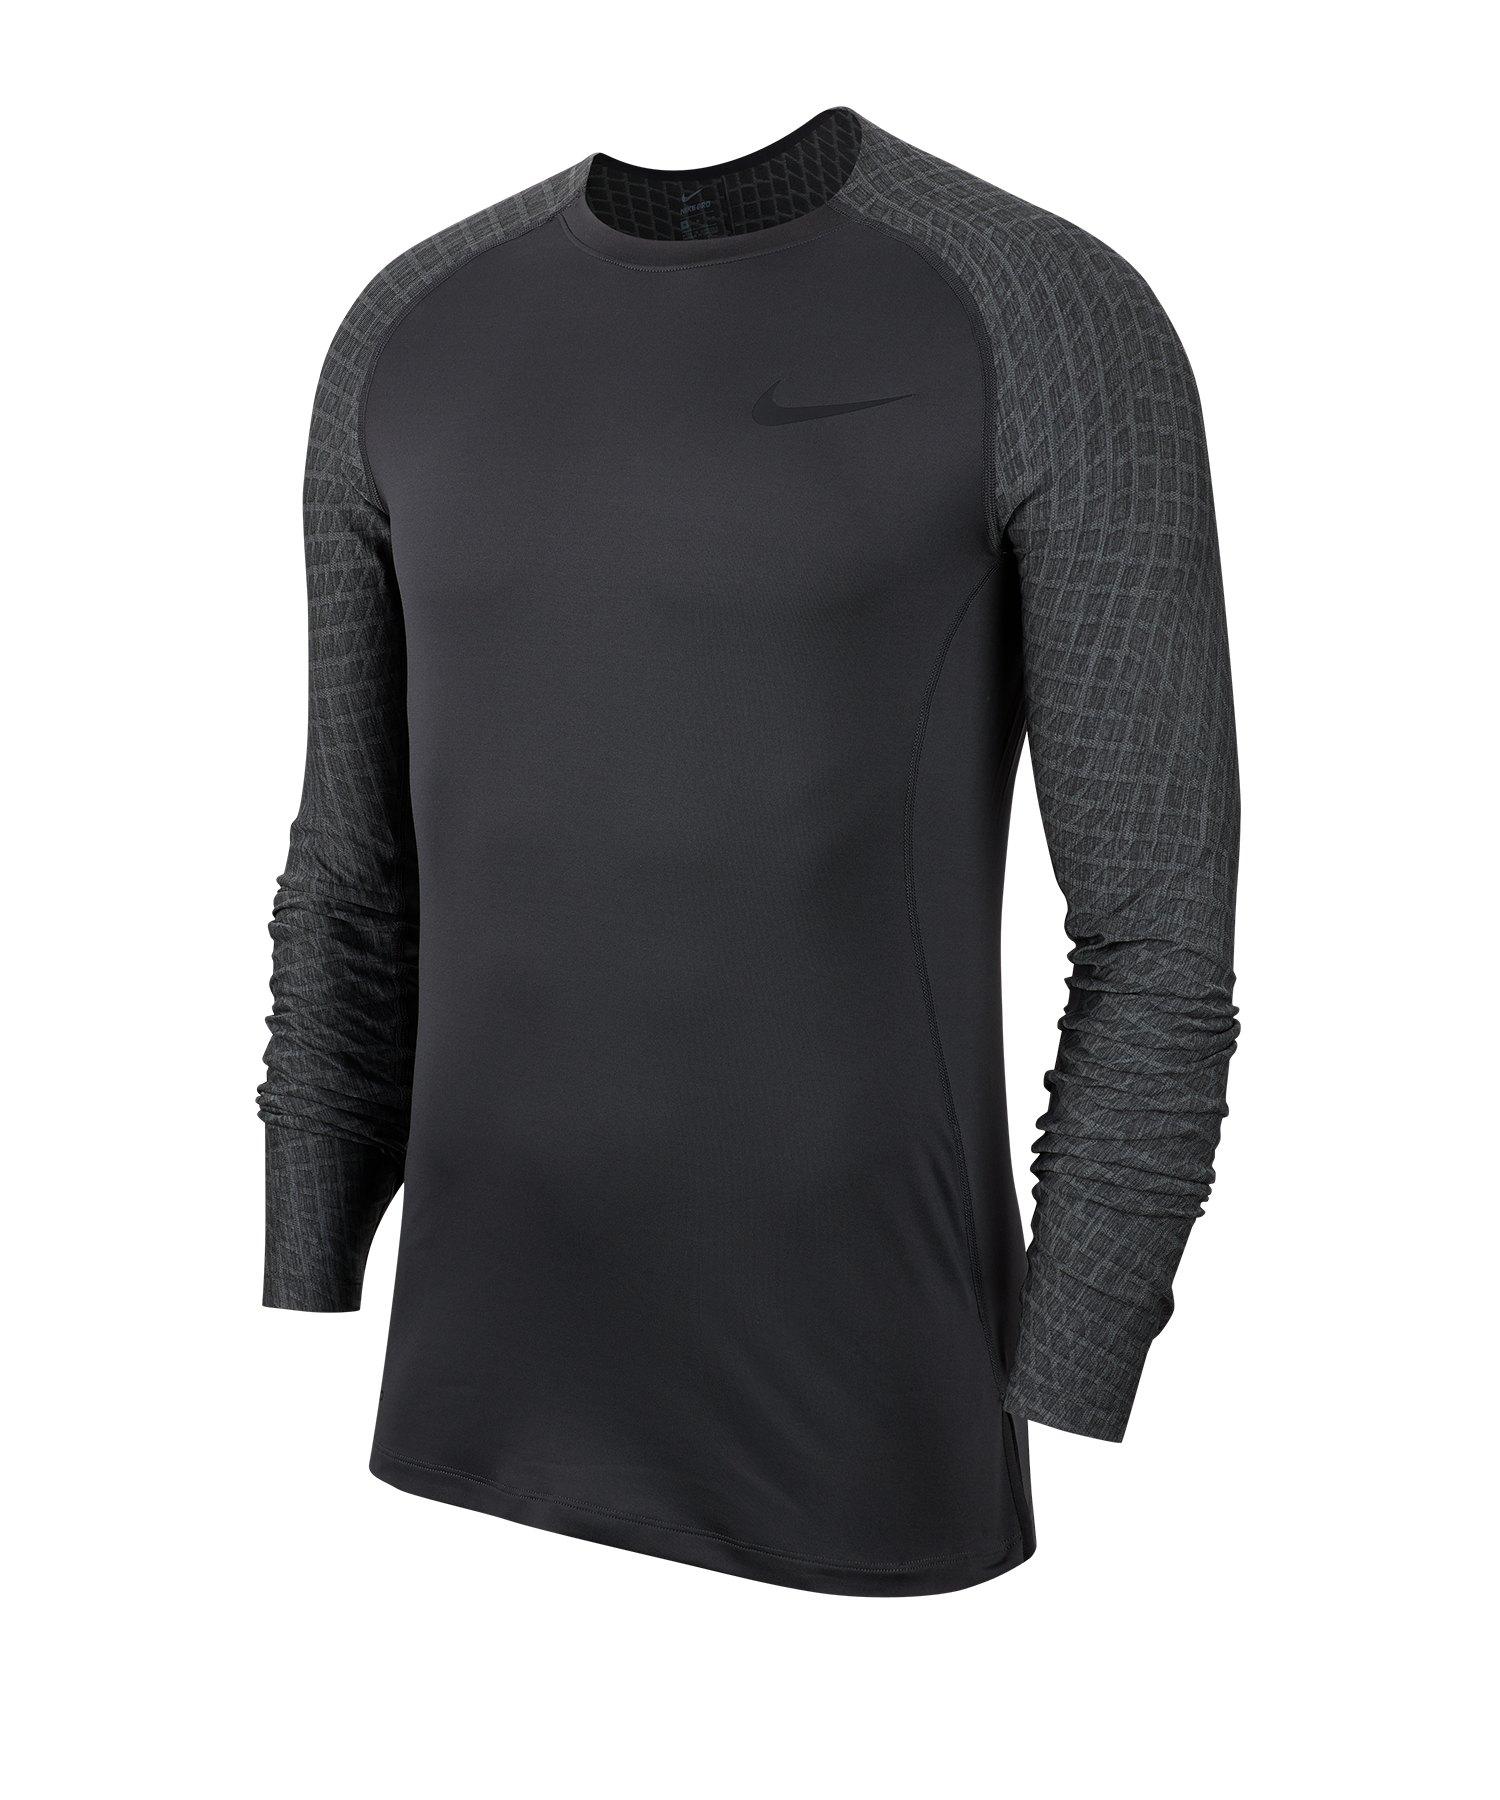 Nike Pro Training Top langarm Grau F010 - grau